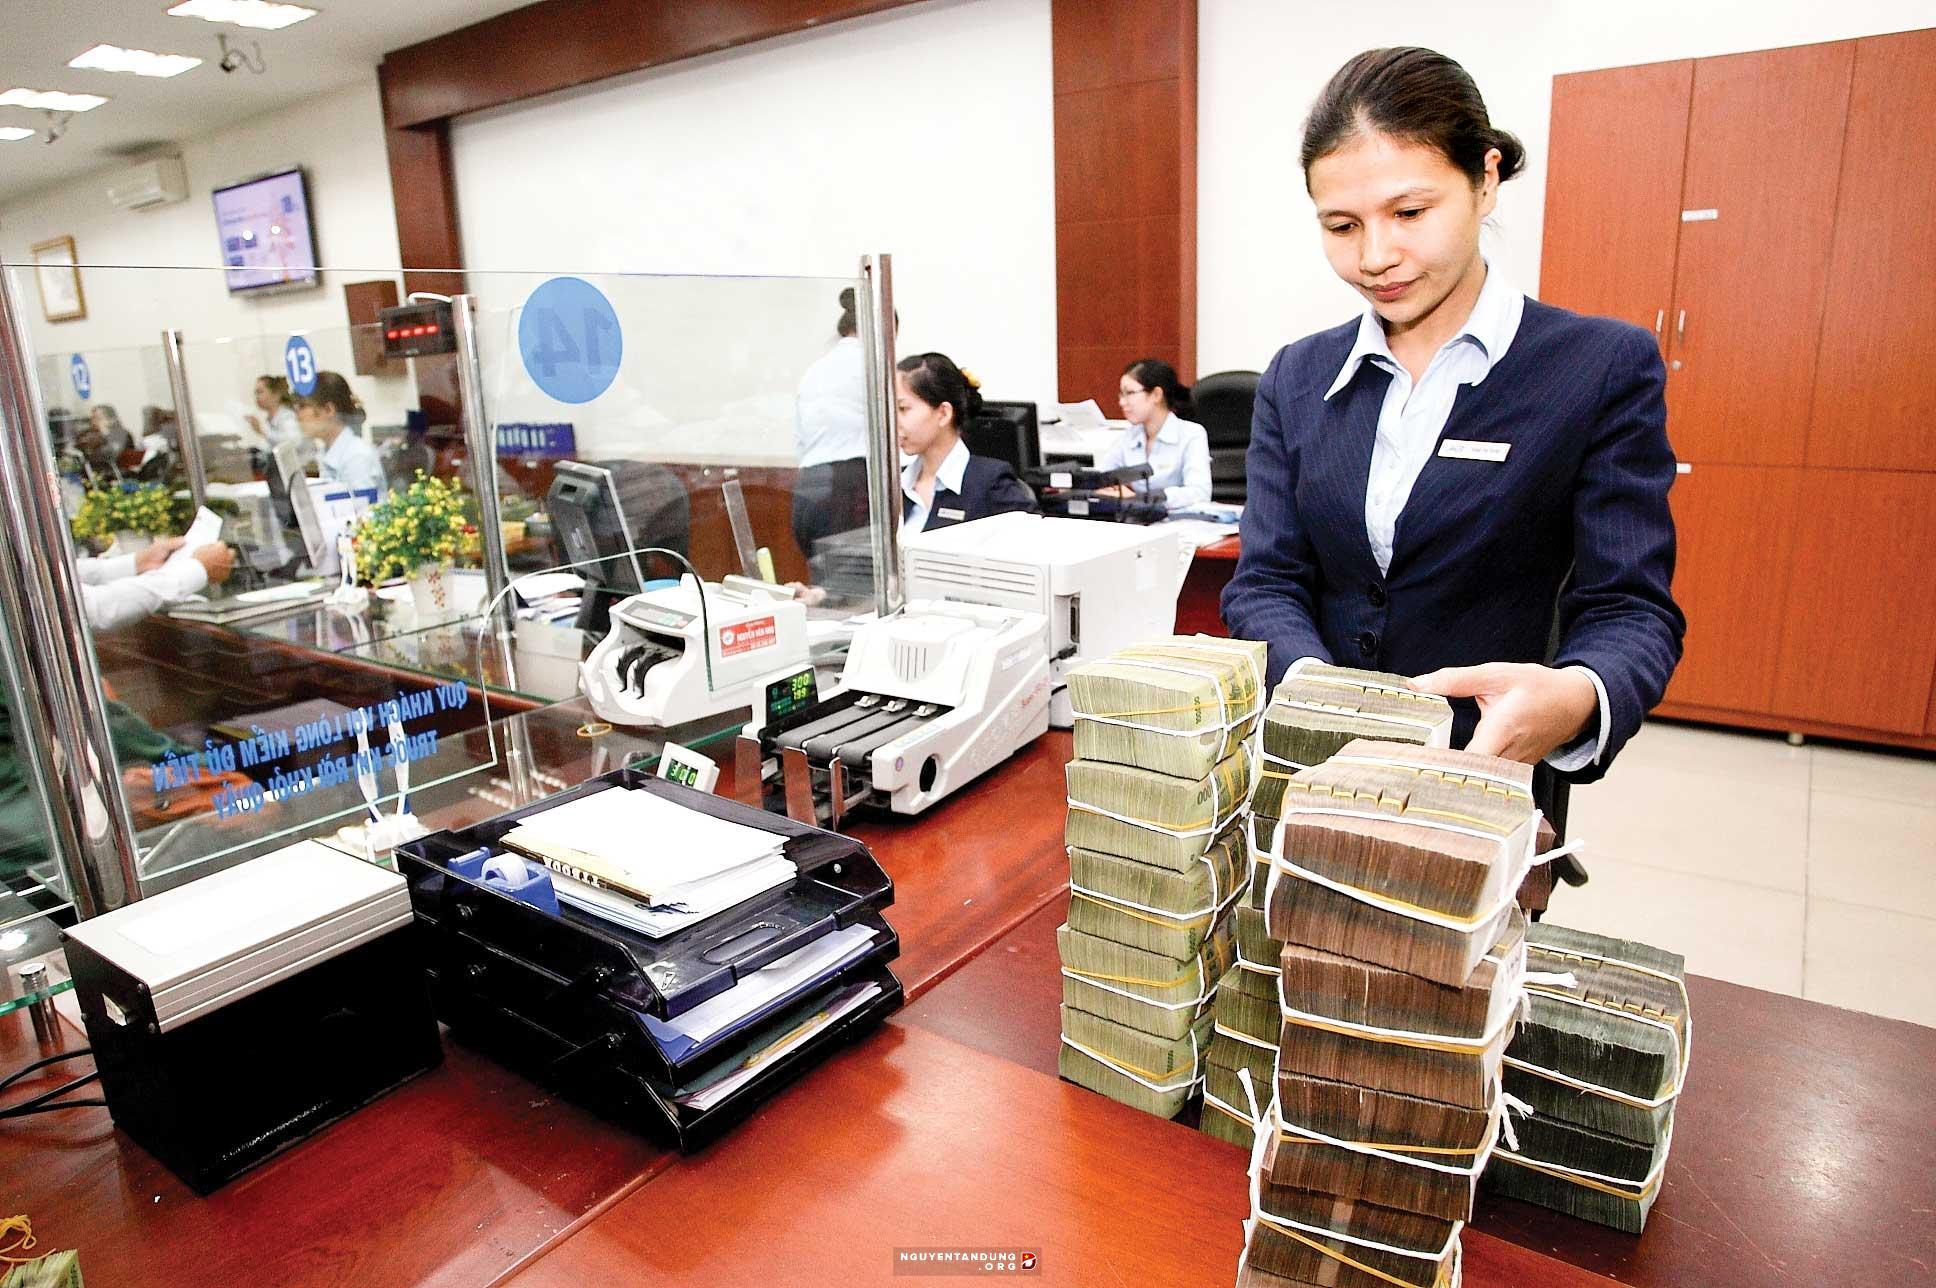 Thu nhập ngoài lãi các ngân hàng tăng mạnh